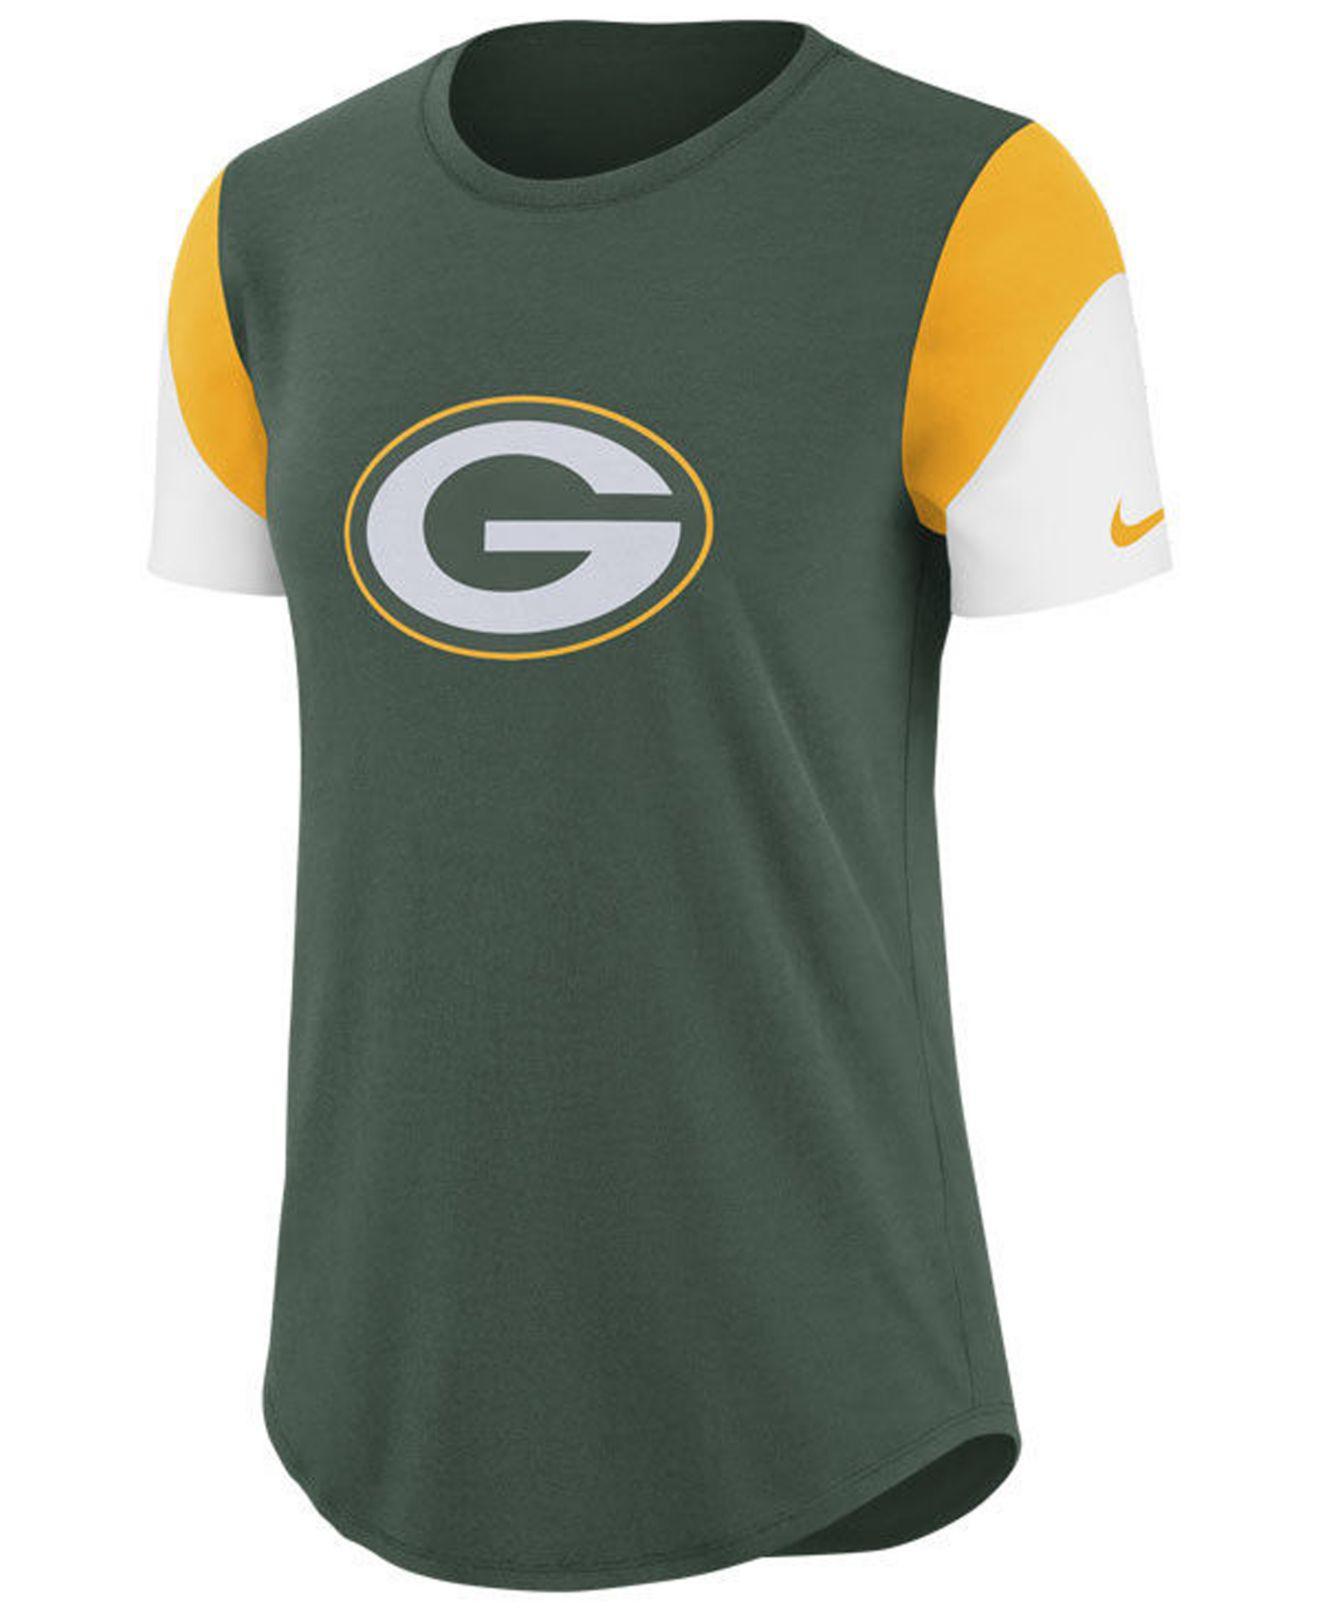 Lyst - Nike Green Bay Packers Tri-fan T-shirt in Green a020747d7